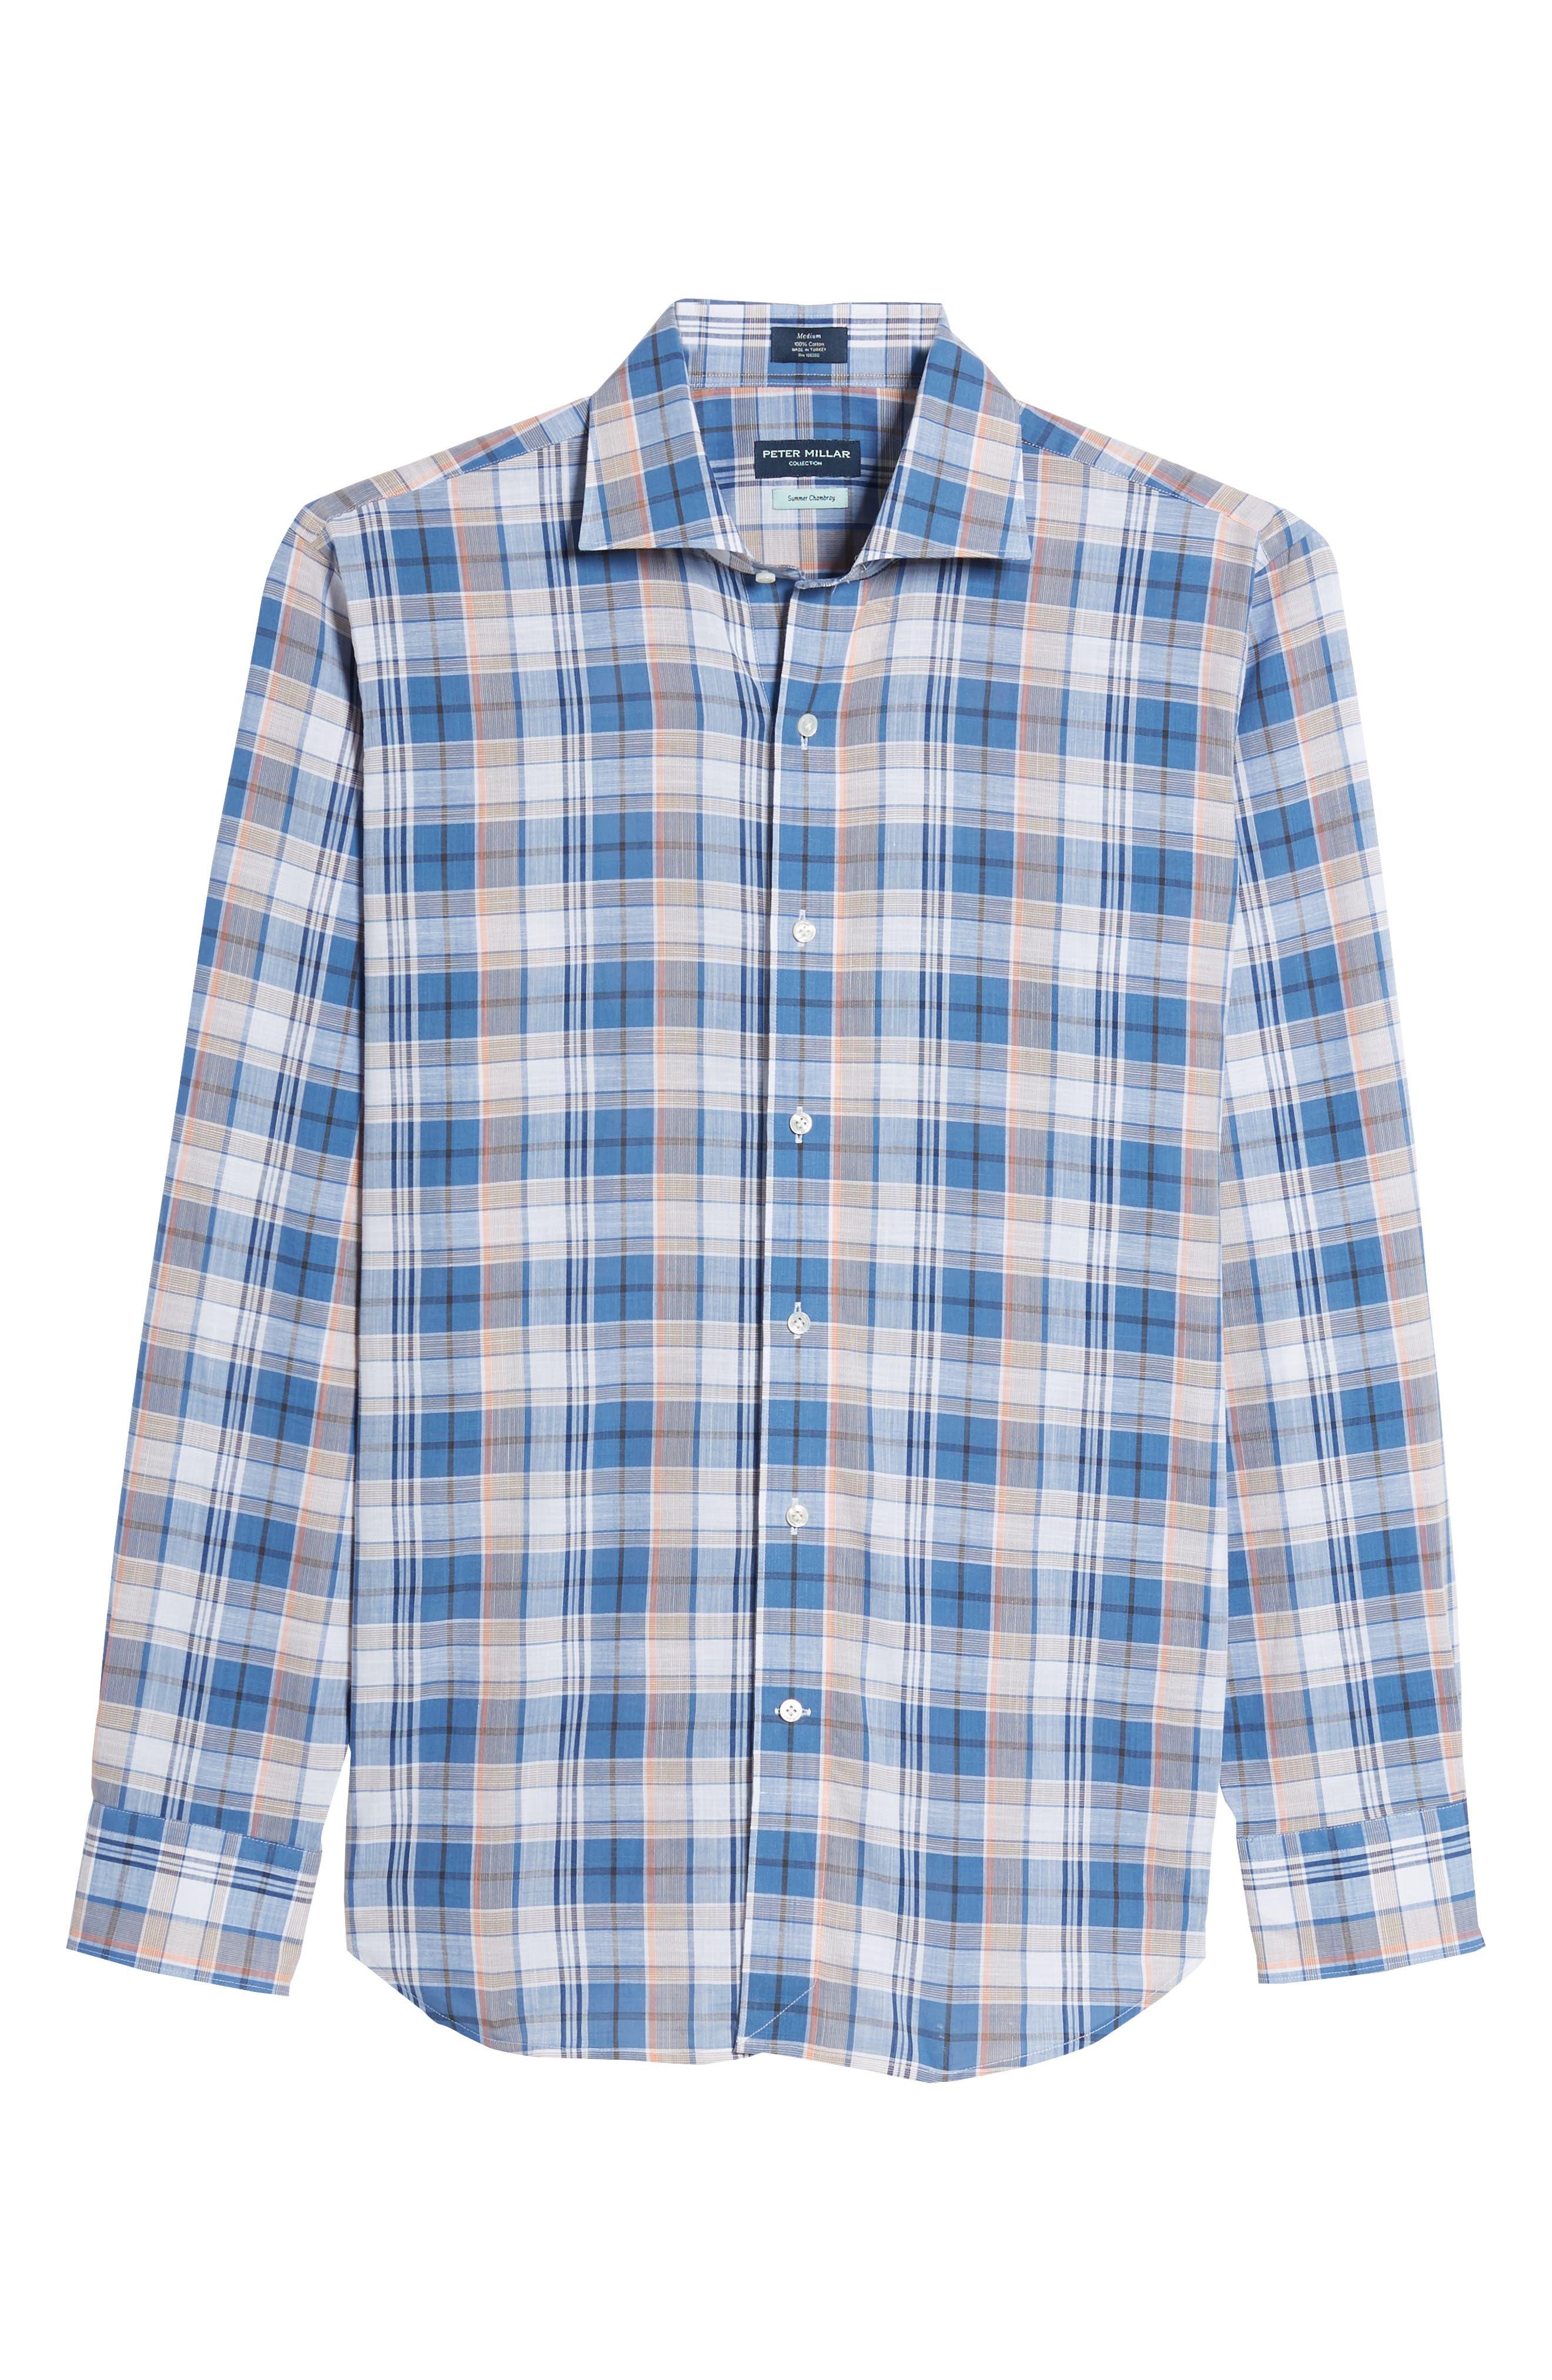 Summertime Stripe Seersucker Sport Shirt,                             Alternate thumbnail 6, color,                             BLUE CEILLO